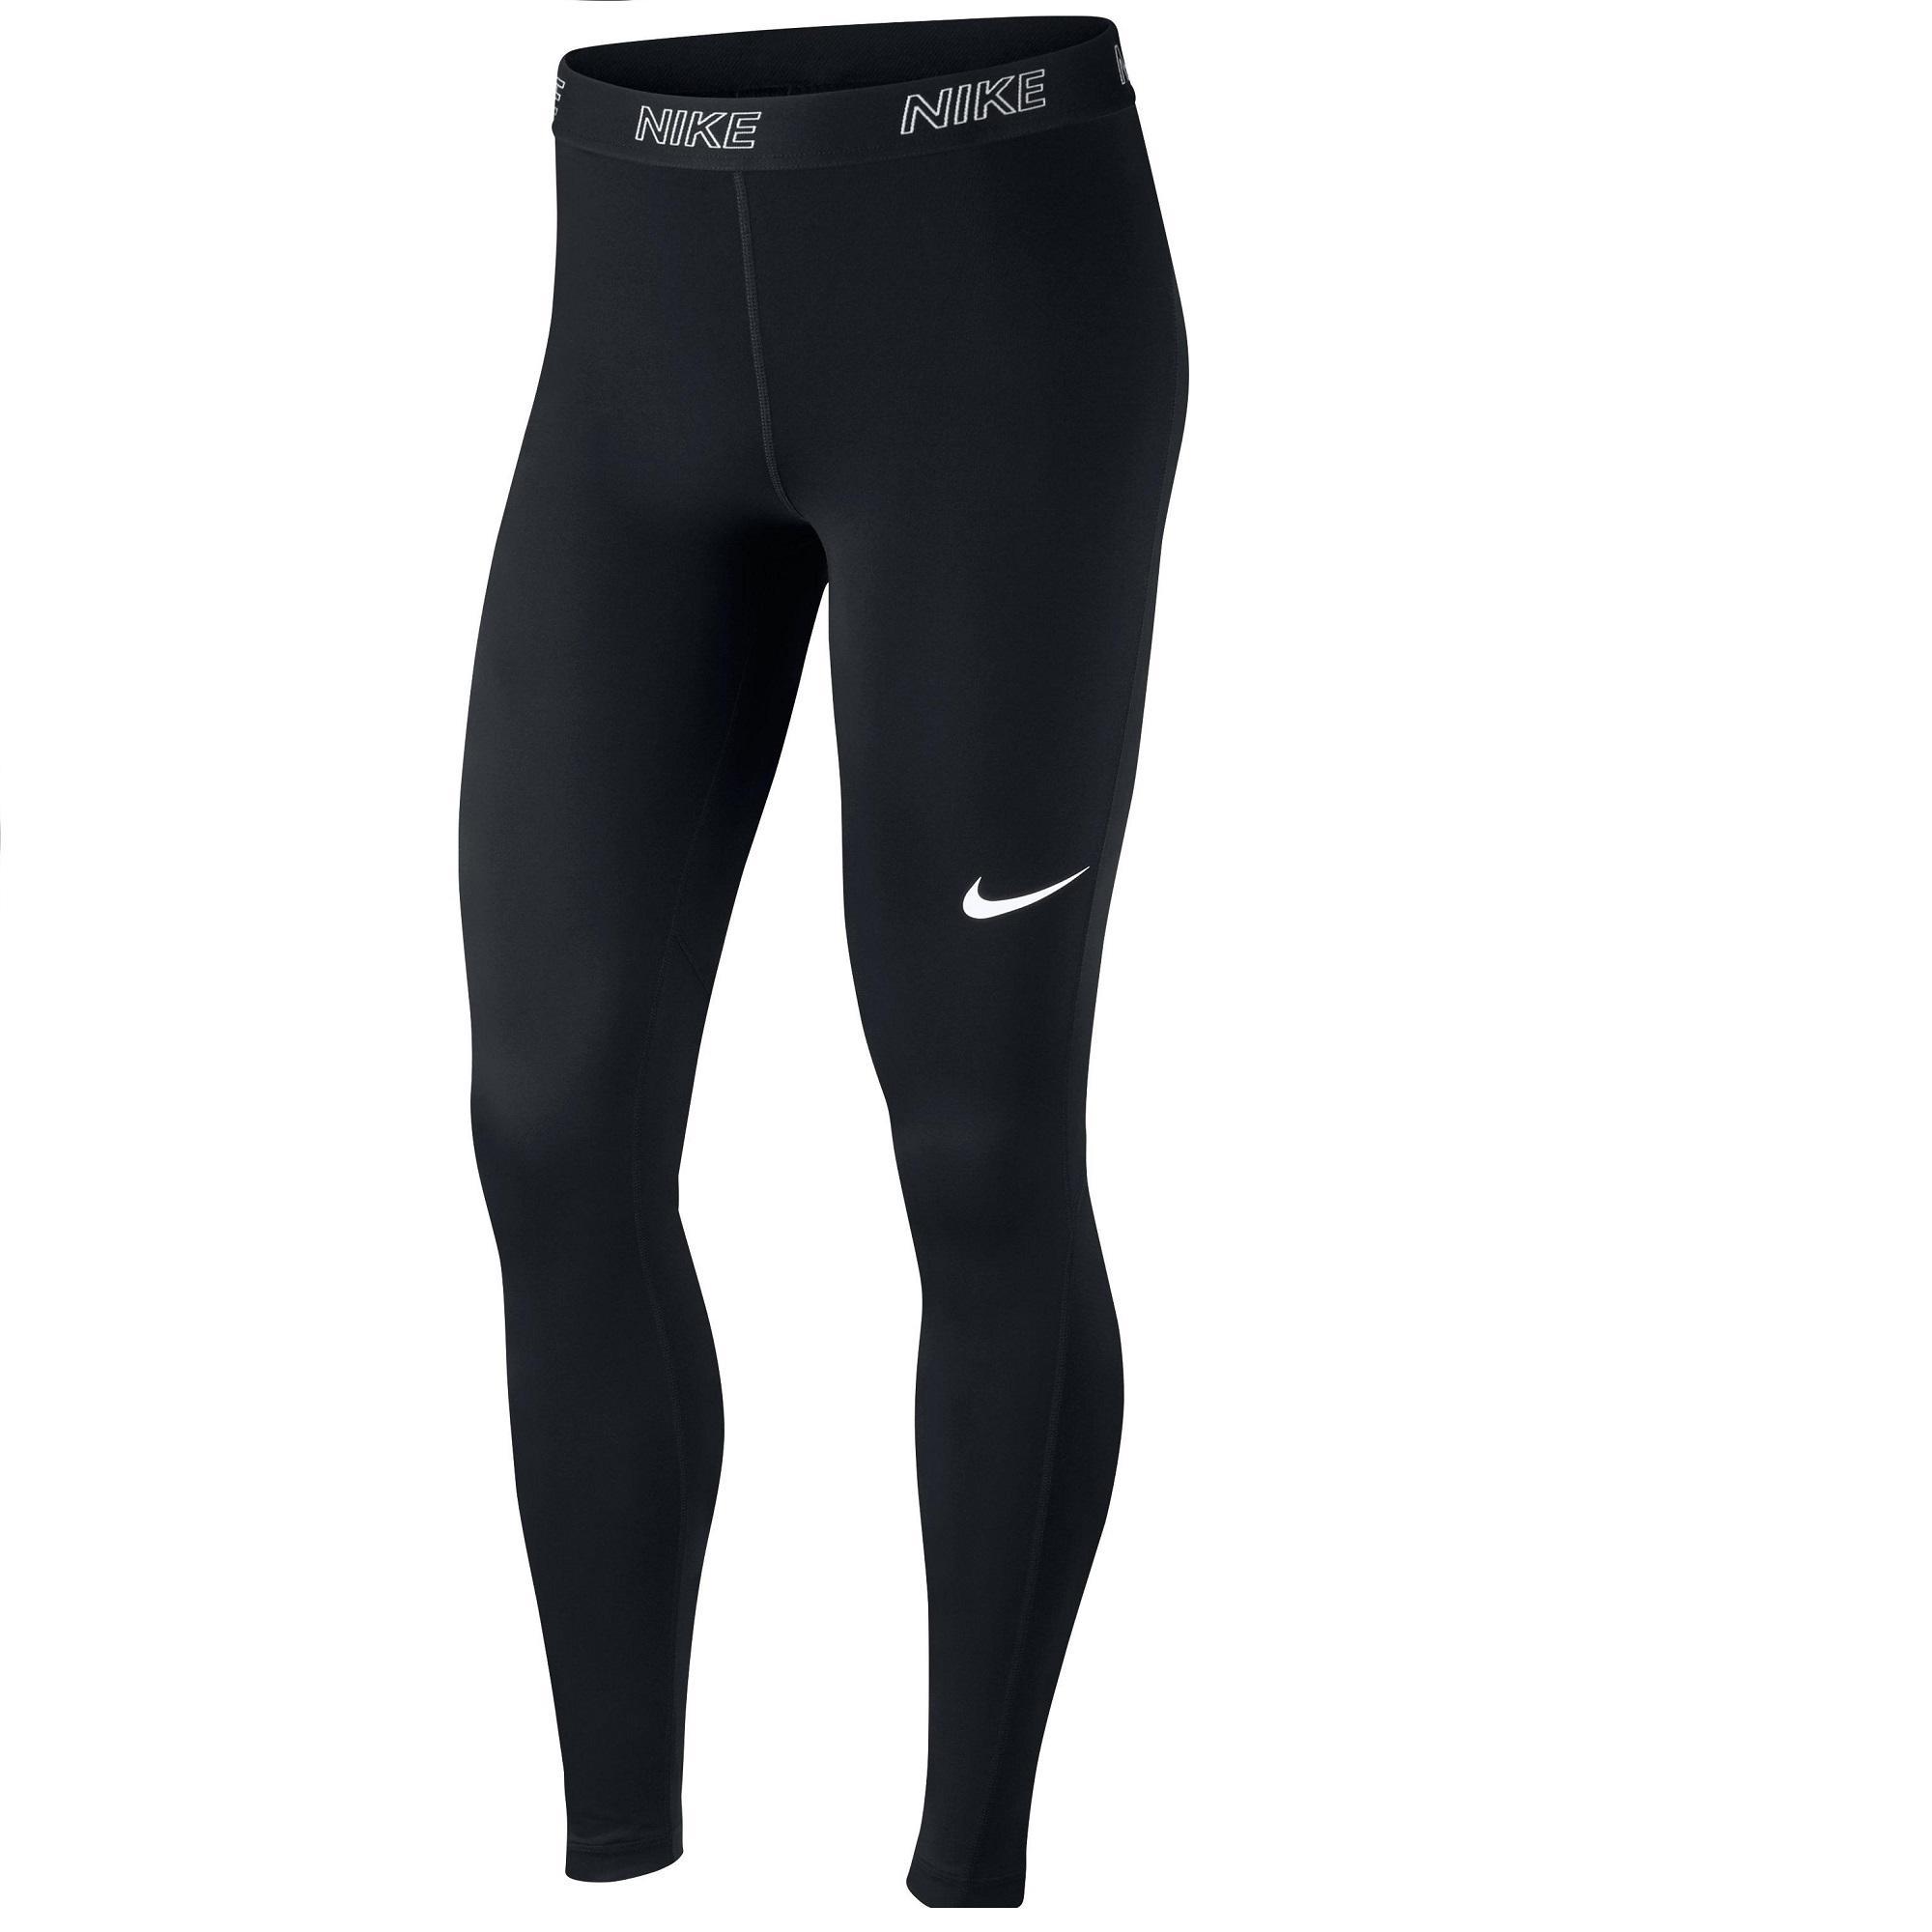 67d649638ab Nike Fitness legging Nike voor dames, zwart | Decathlon.nl